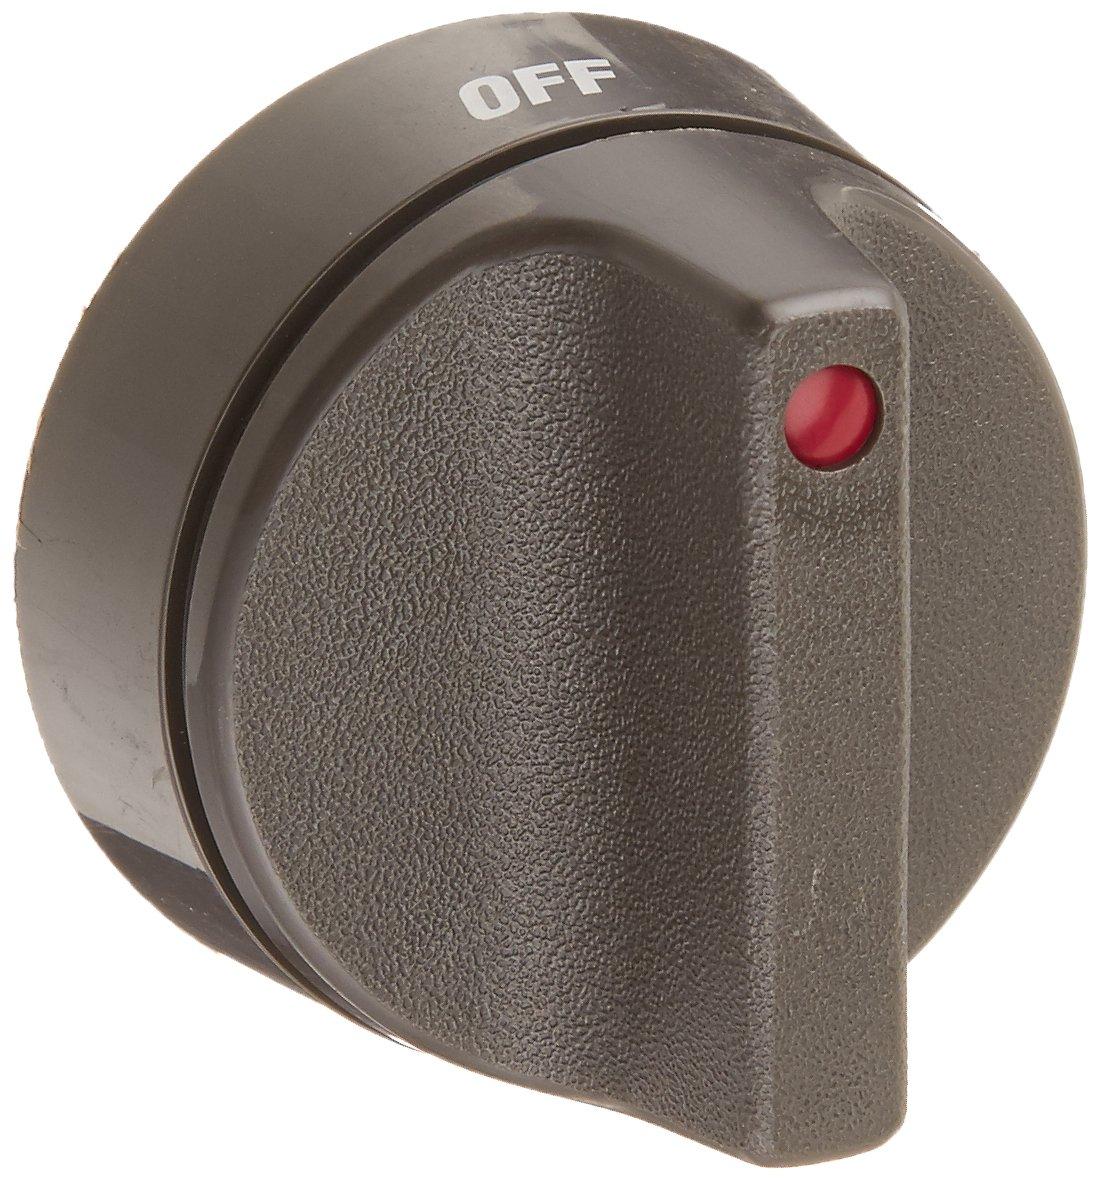 Frigidaire 5303210280 Range//Stove//Oven Control Knob CE Sundberg